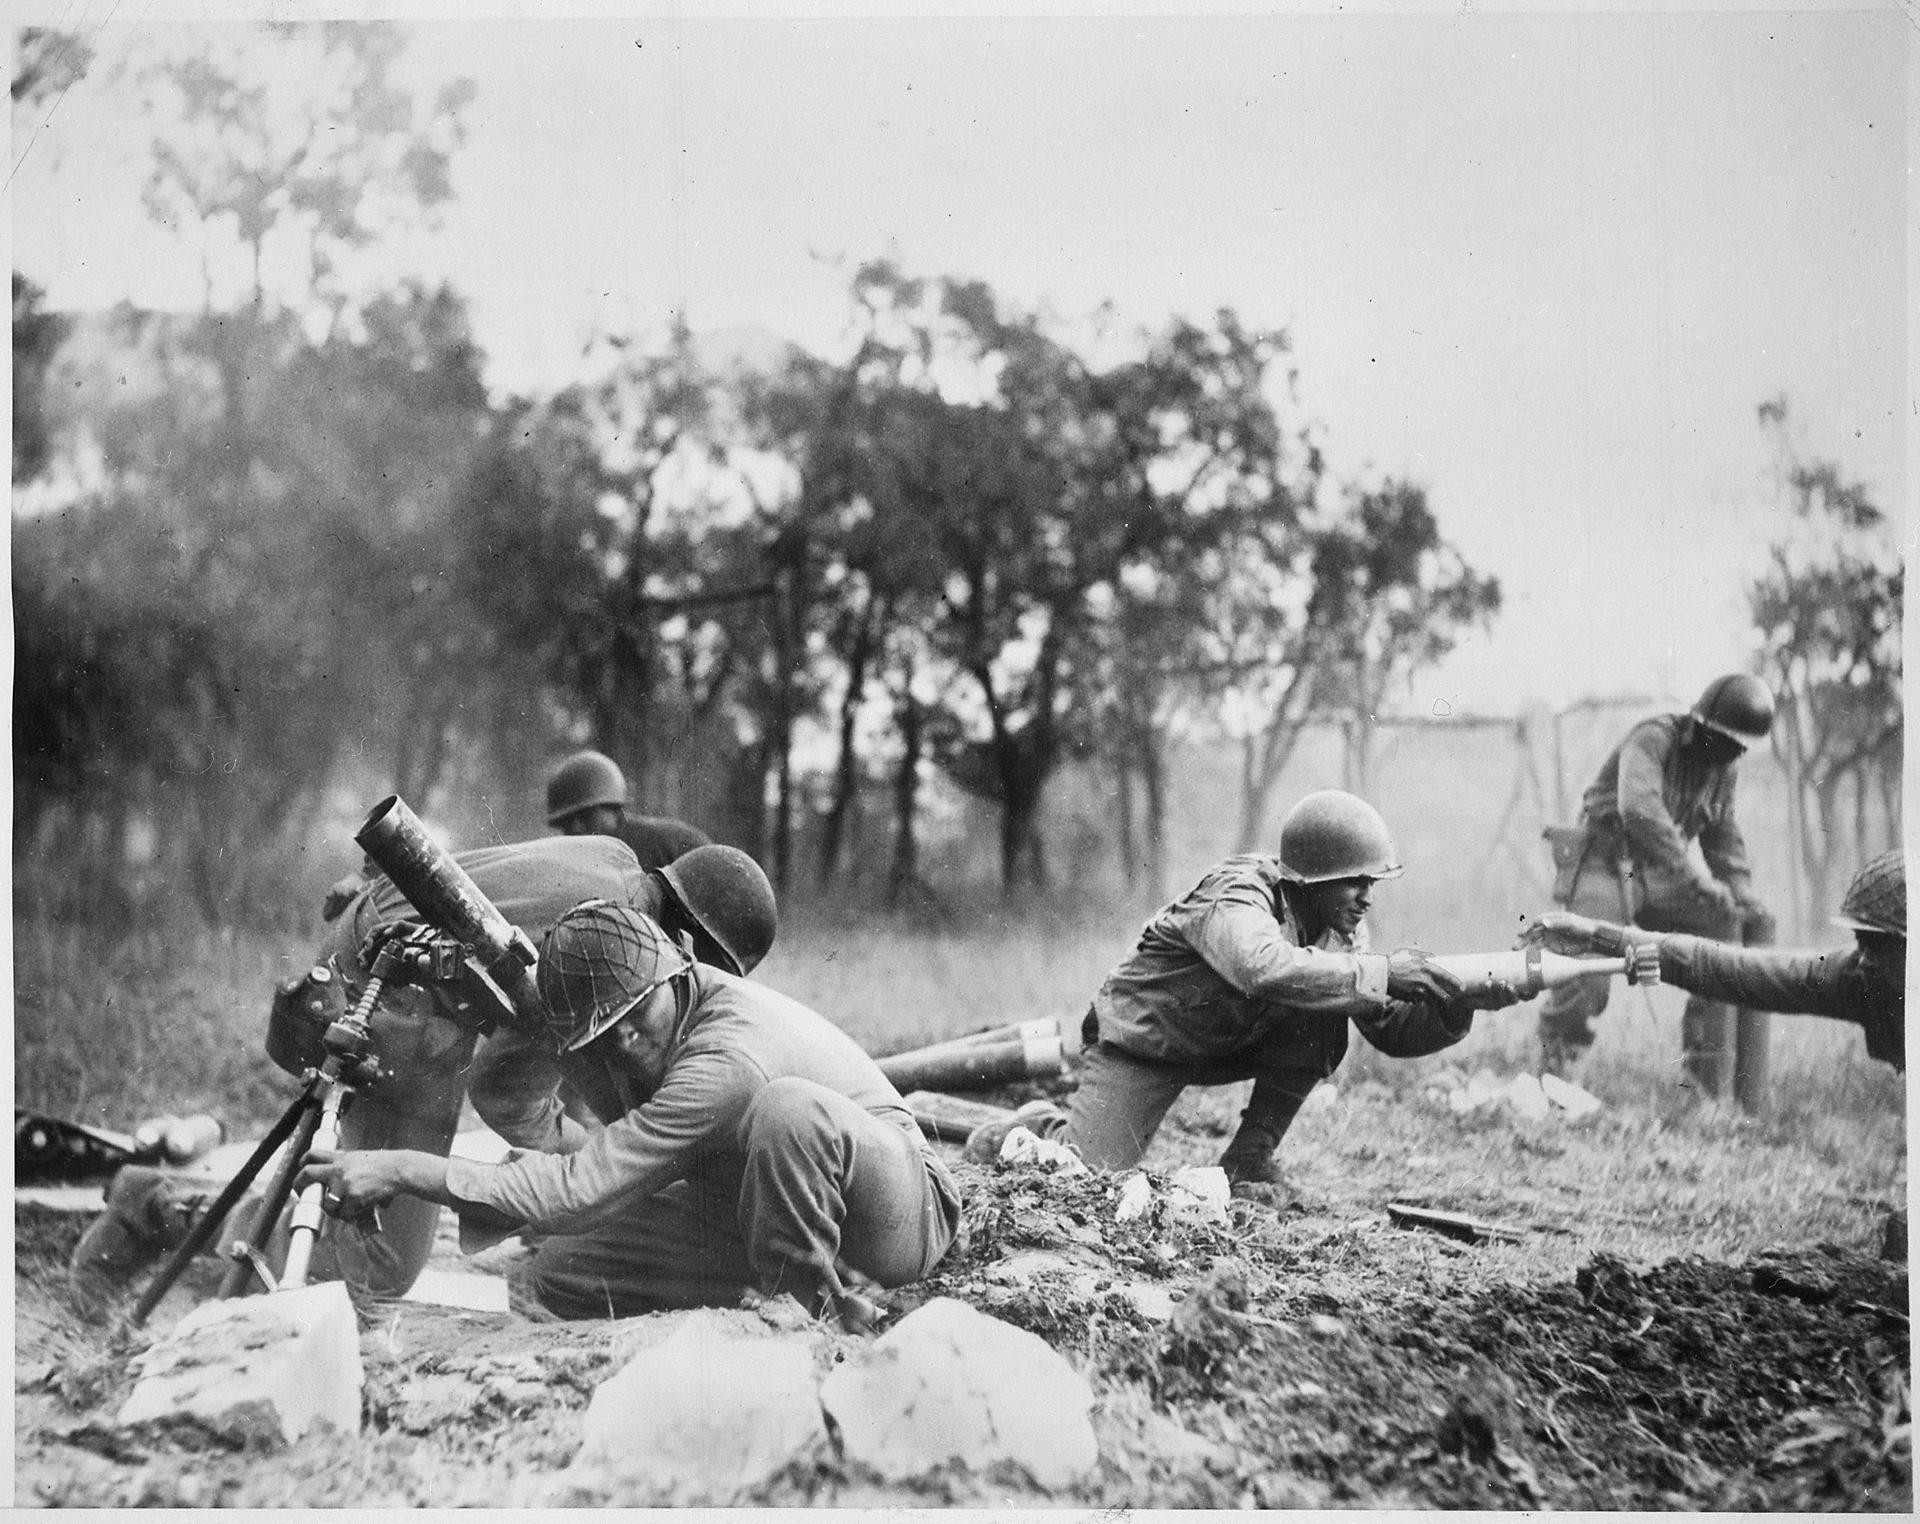 Members of a Negro mortar company of the 92nd Division pass the ammunition and heave it over at the Germans in an almos   NARA   535546 - Des hommes de la 92nd Infantry Division se passent les munitions et tirent au mortier sur des positions Allemandes, près de Massa (Italie) en Novembre 1944